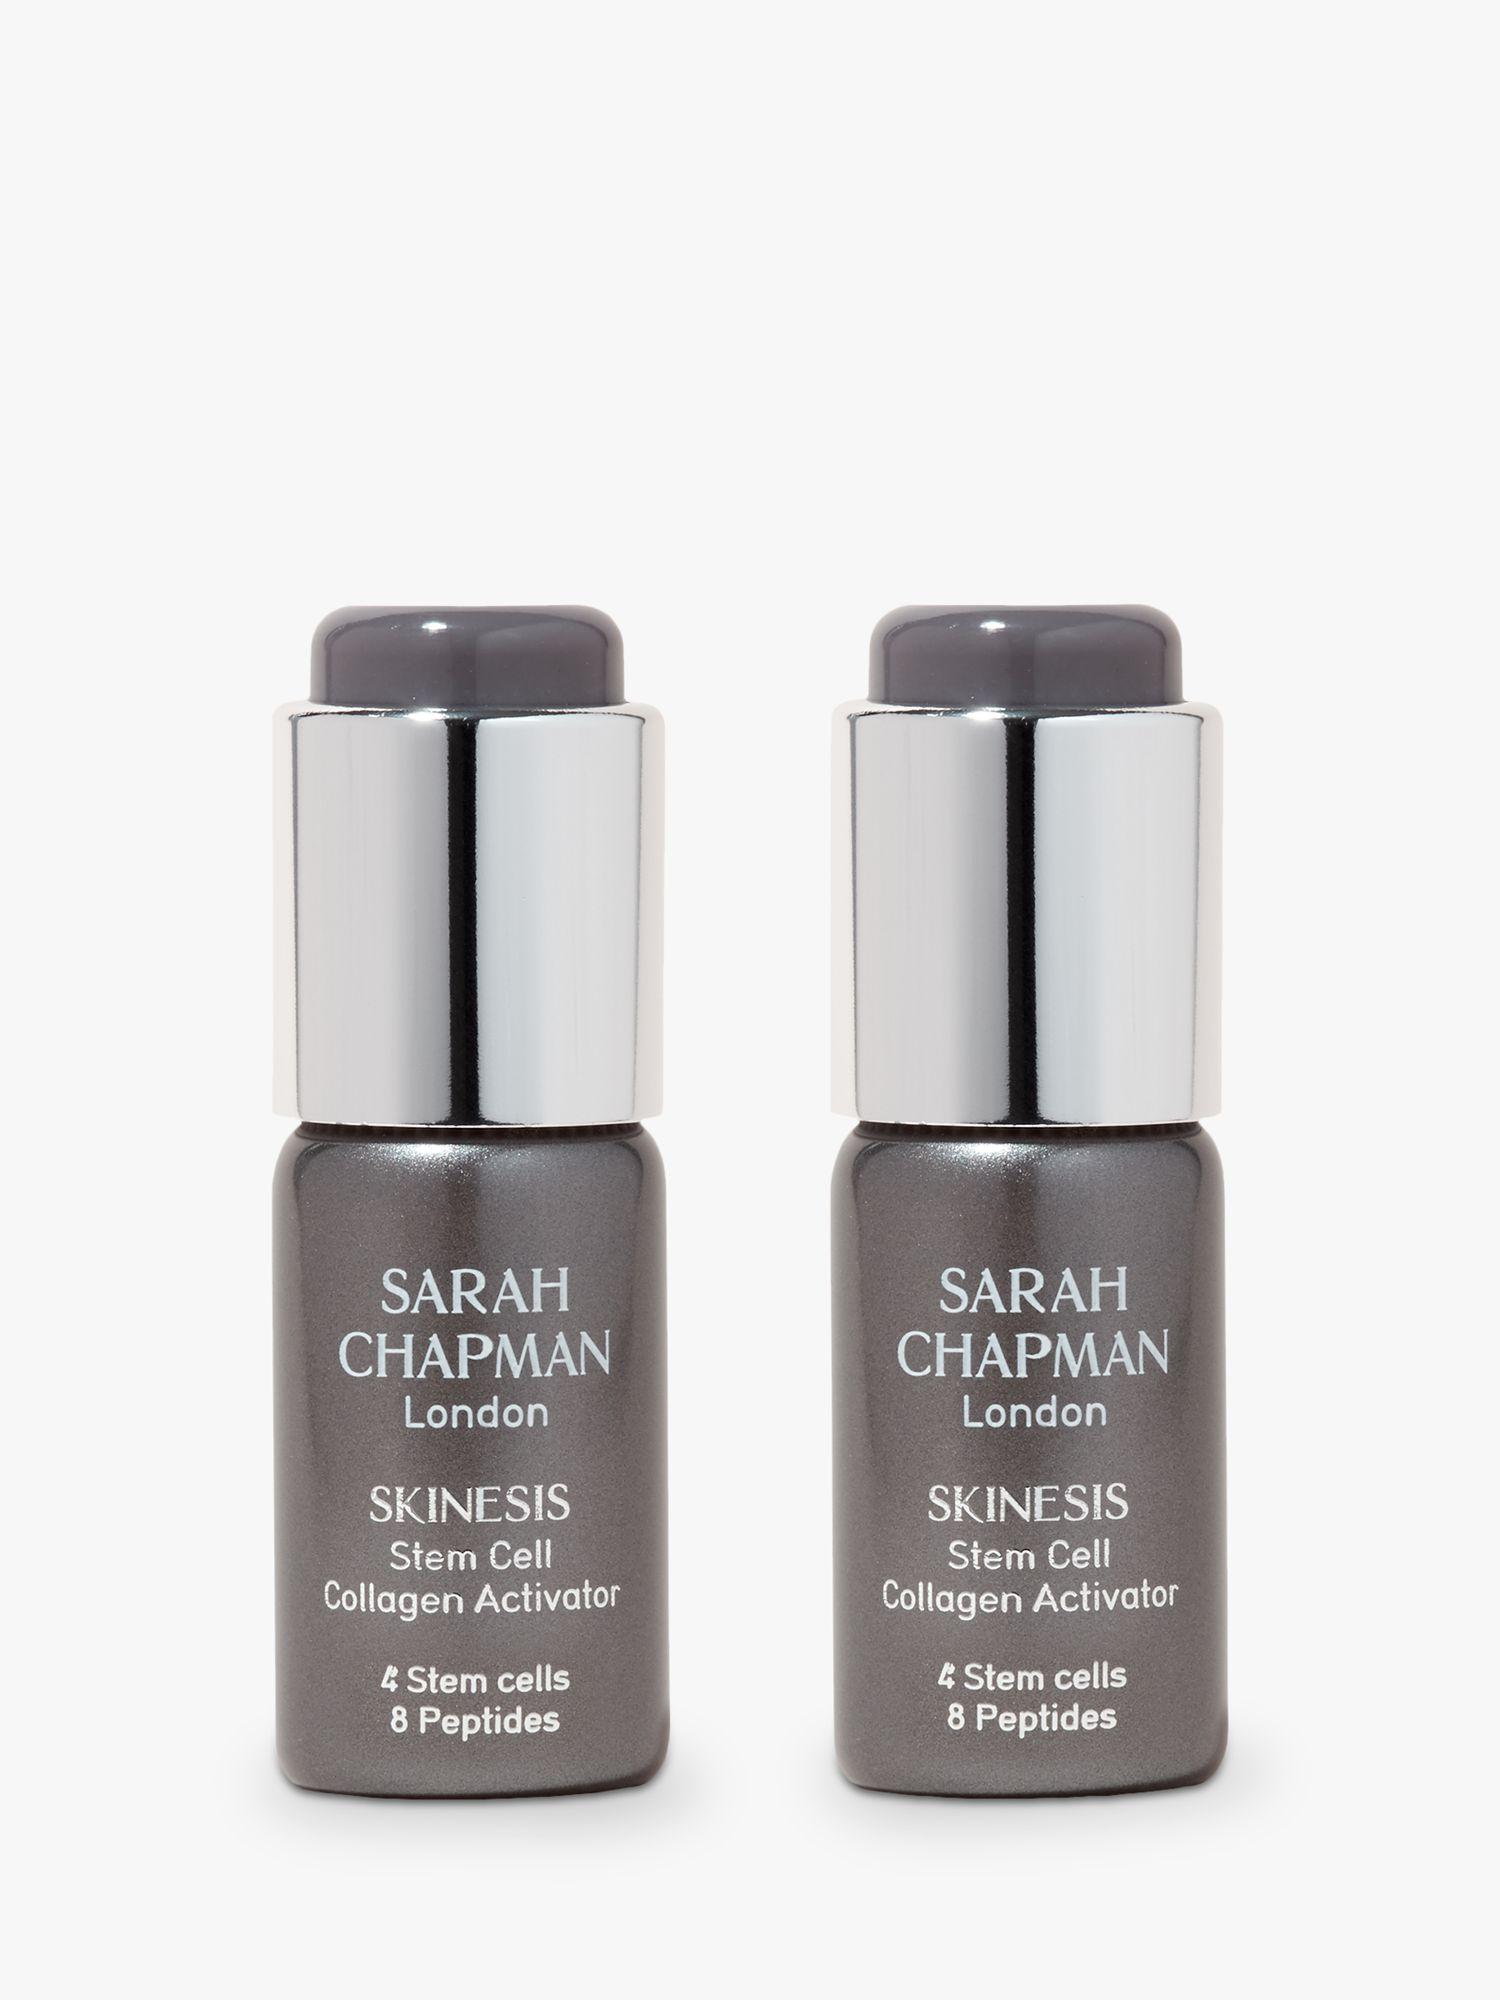 Sarah Chapman Sarah Chapman Stem Cell Collagen Activator, 20ml